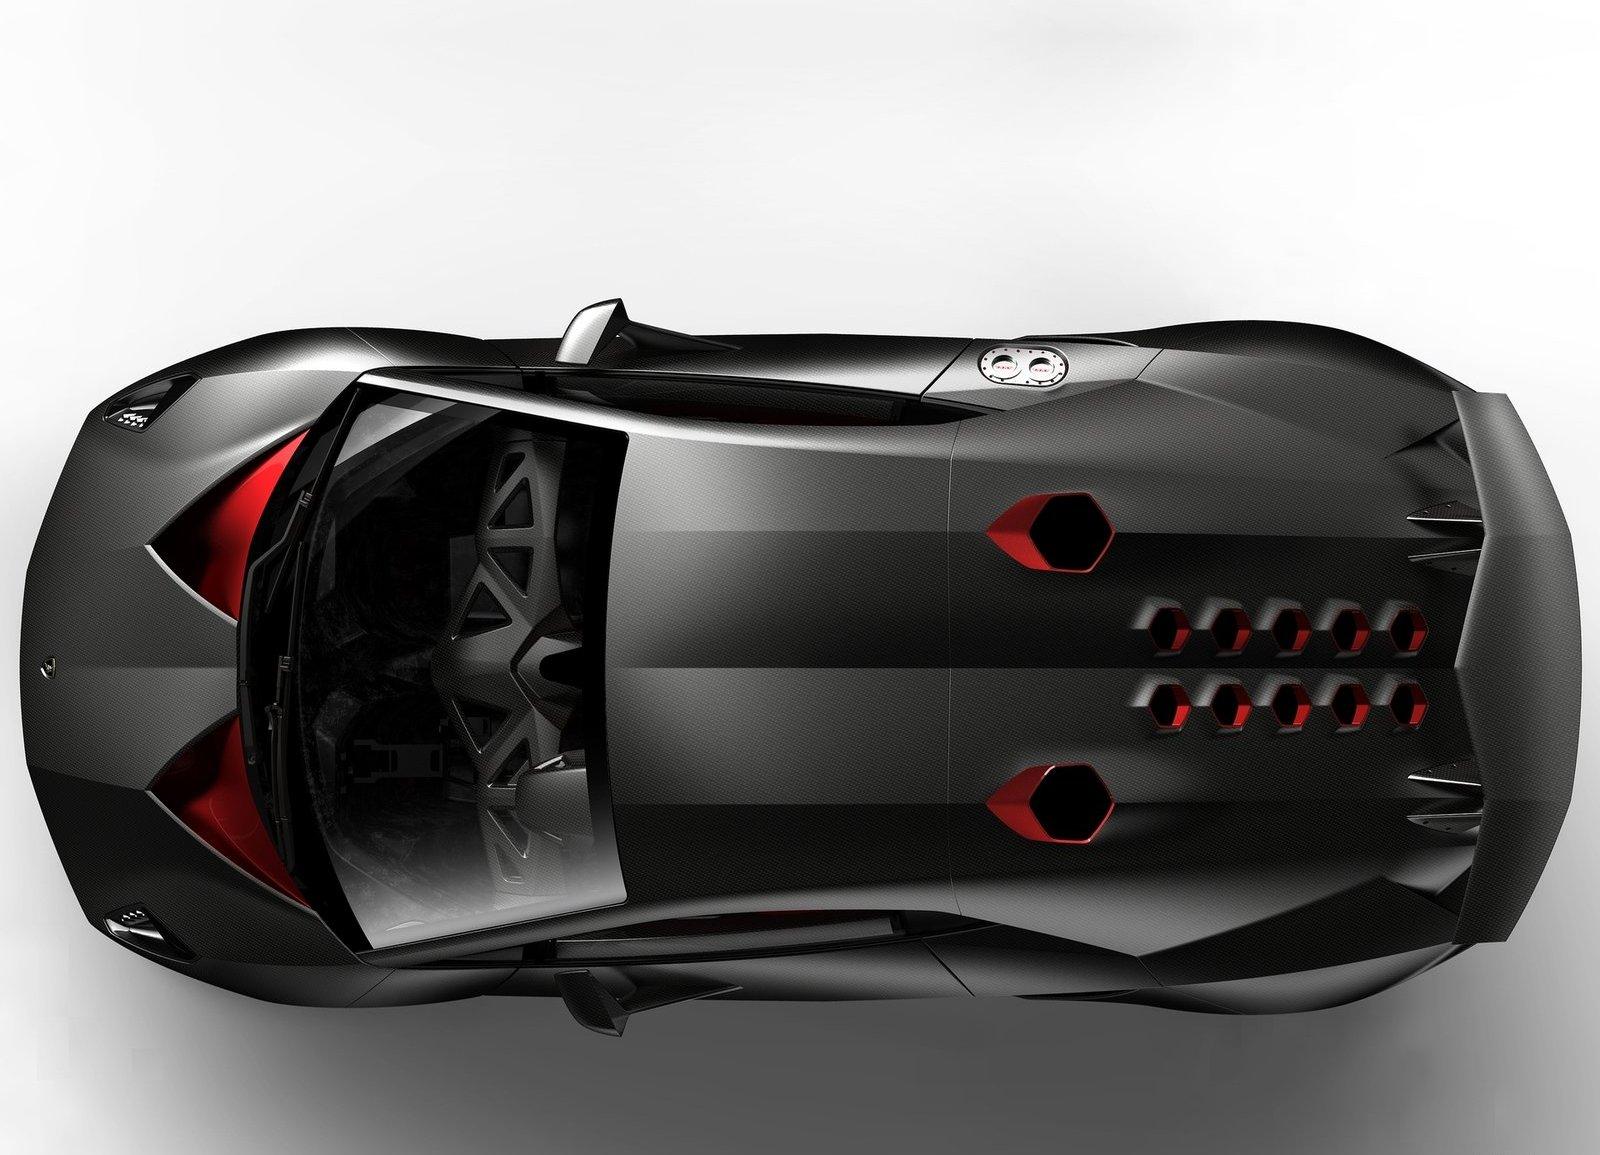 Lamborghini Sesto Elemento Concept 2010 (Paris Motor Show) 3